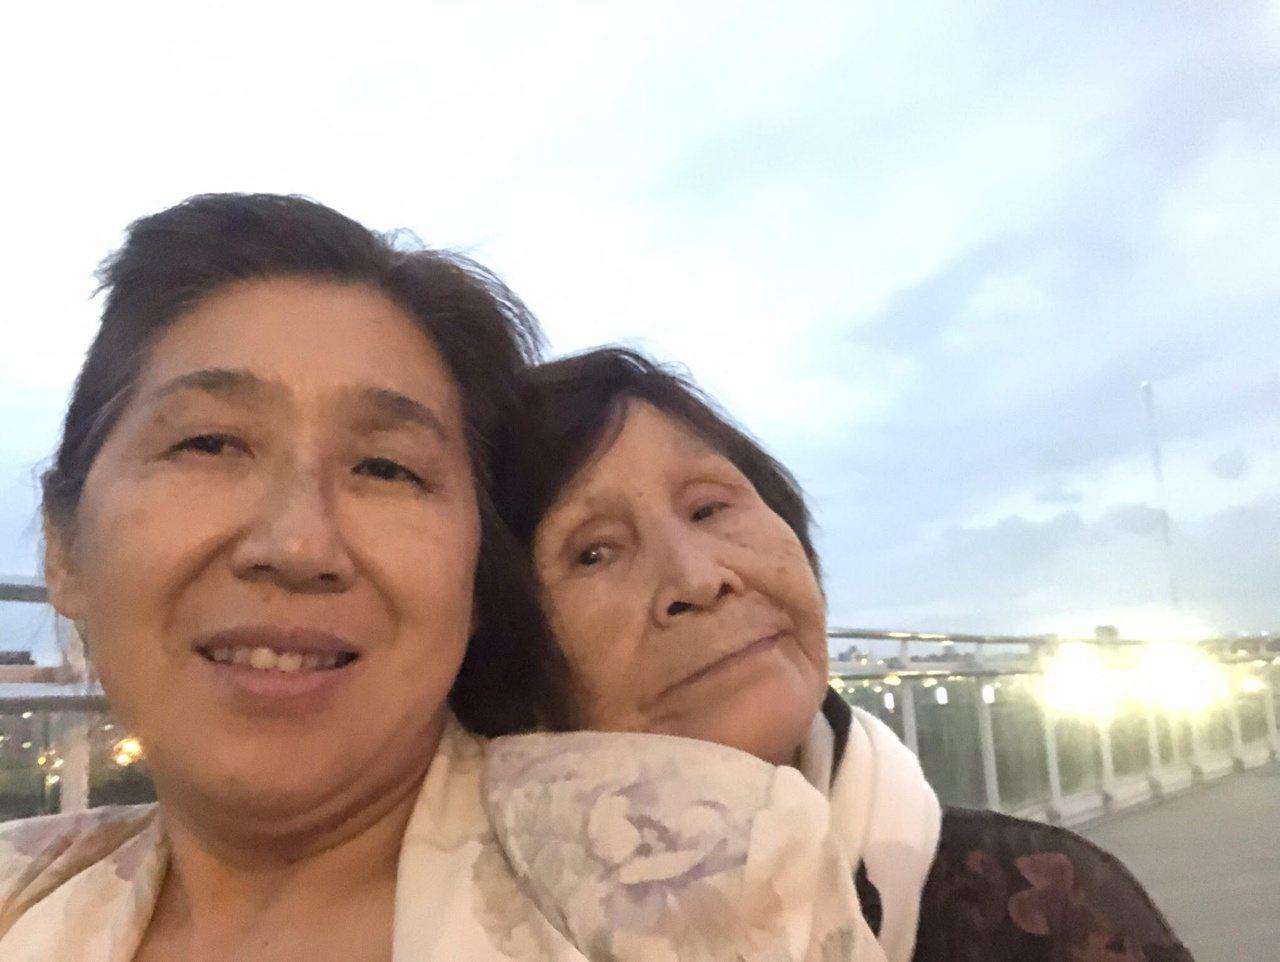 我63歲,罹患小兒麻痺,勇敢面對自己的人生,一個人扛下照顧老媽的重責大任,克服對...